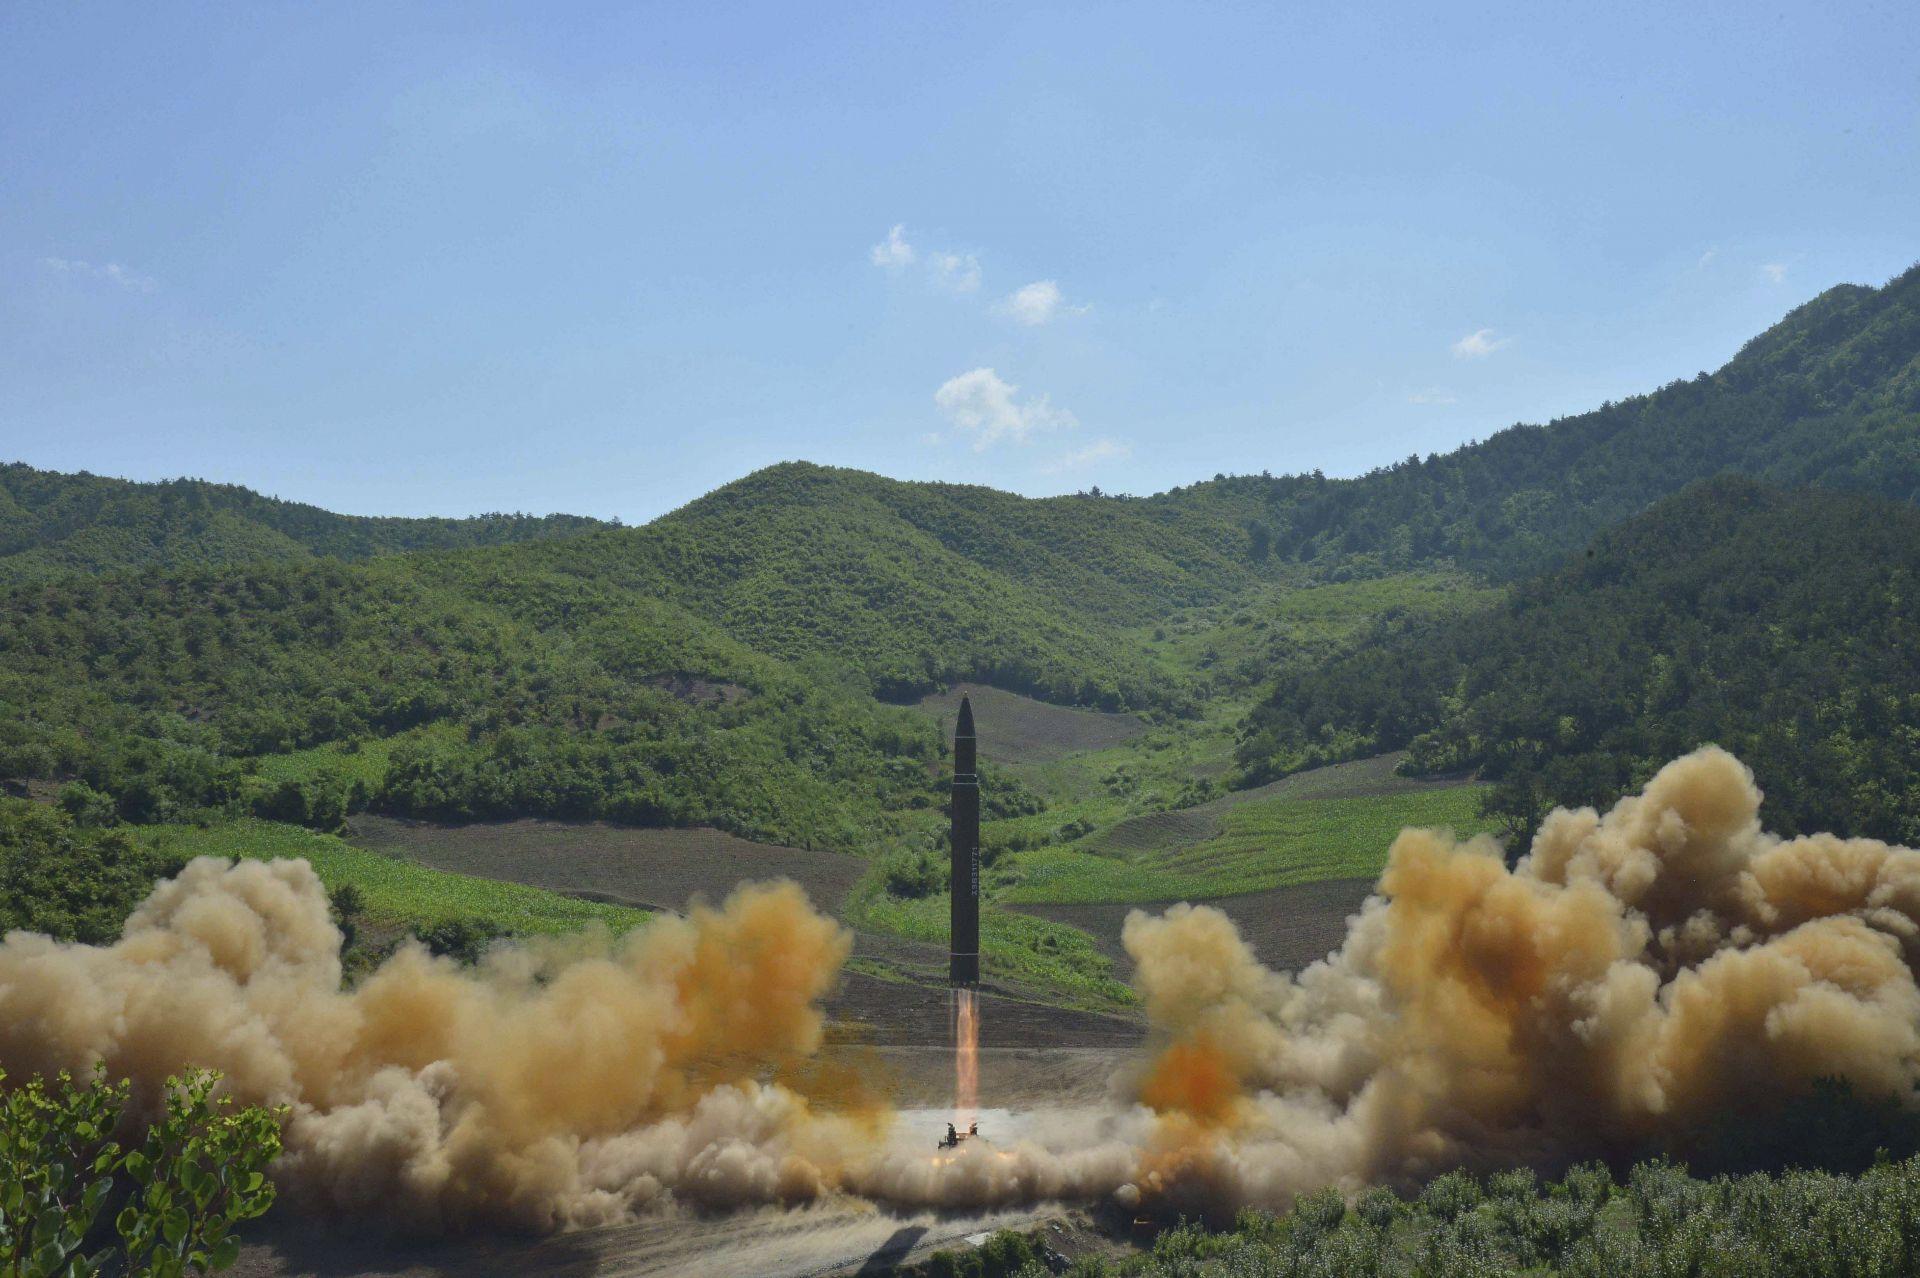 Pyongyang asegura haber dado un paso enorme al probar misil intercontinental